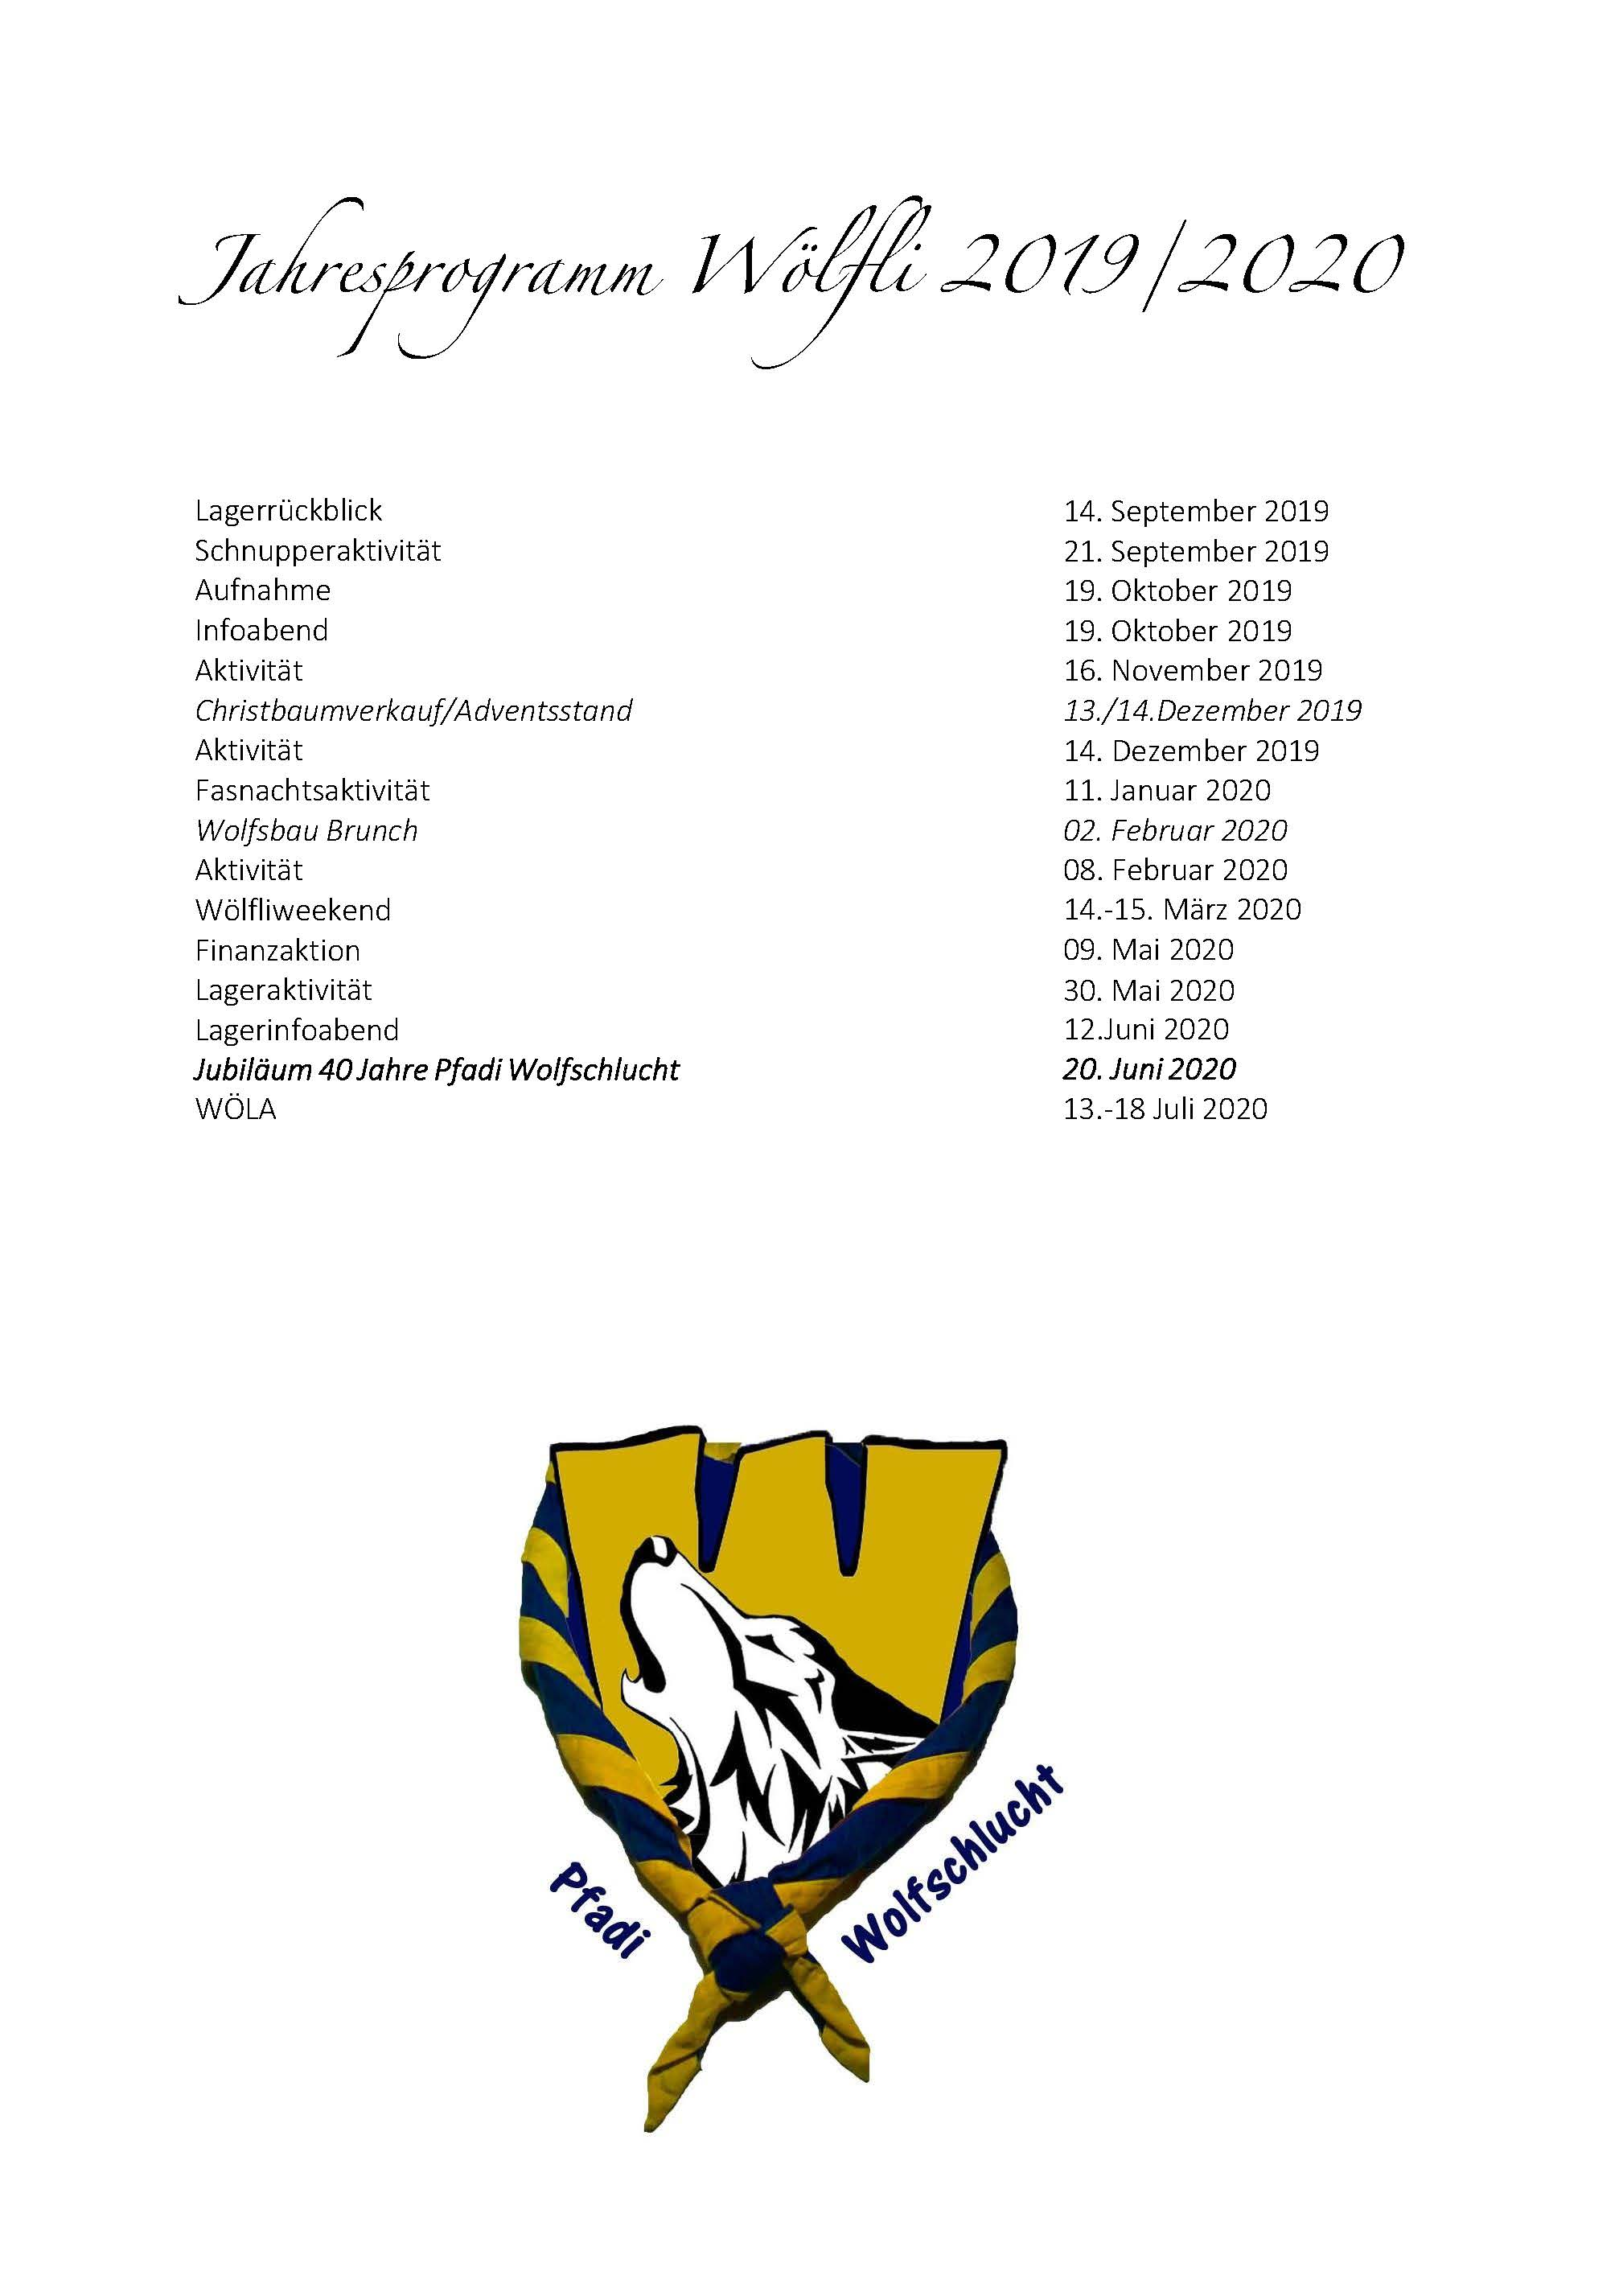 Jahresprogramm Wlfli 19 20